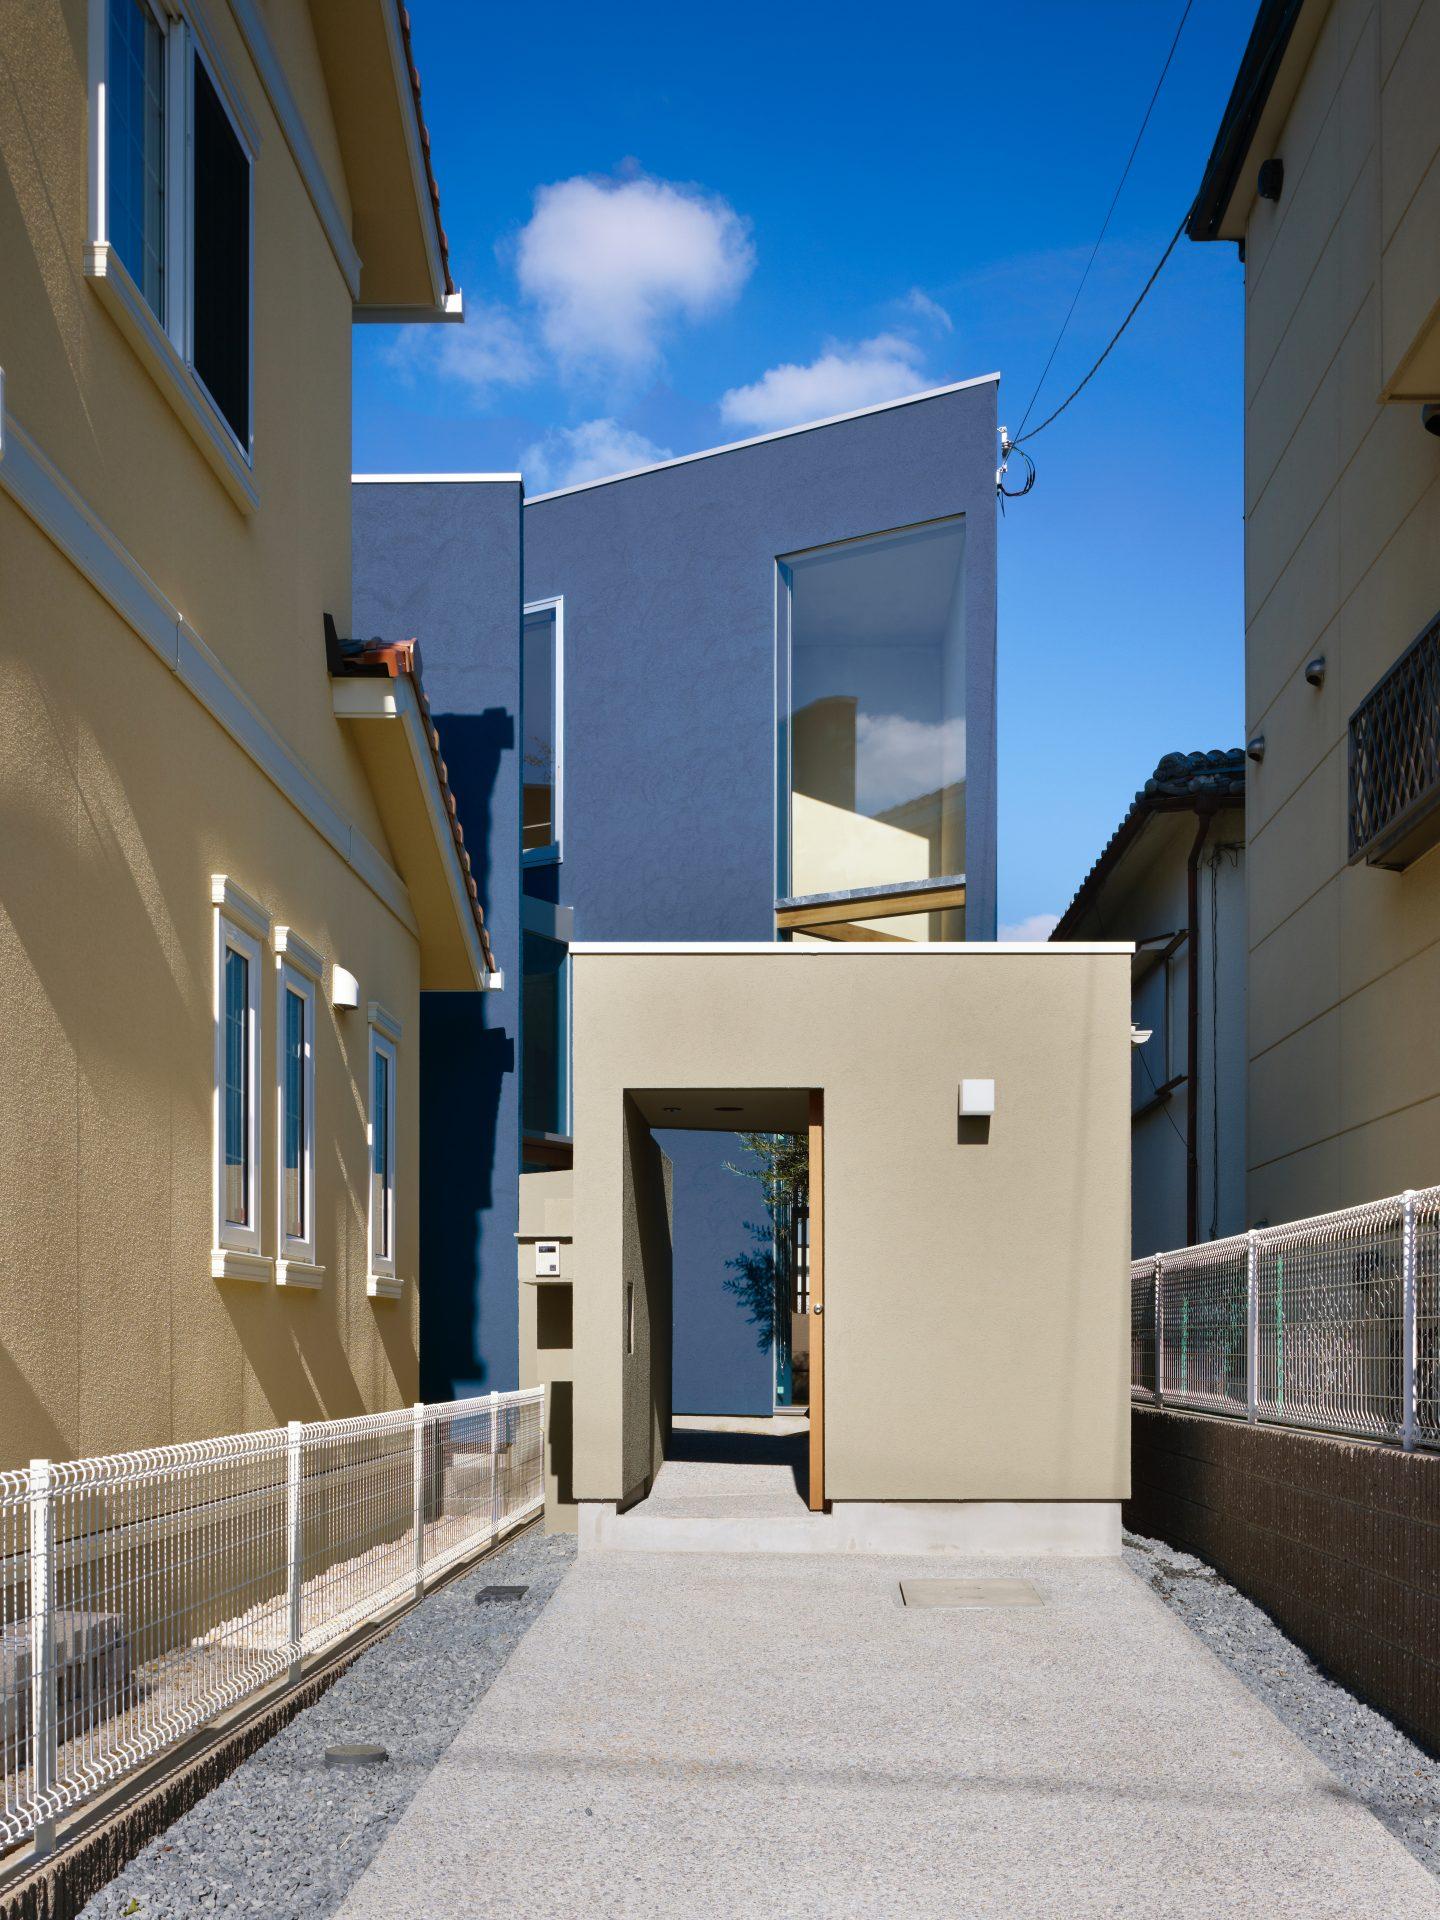 大阪上野芝の家のアプローチ01